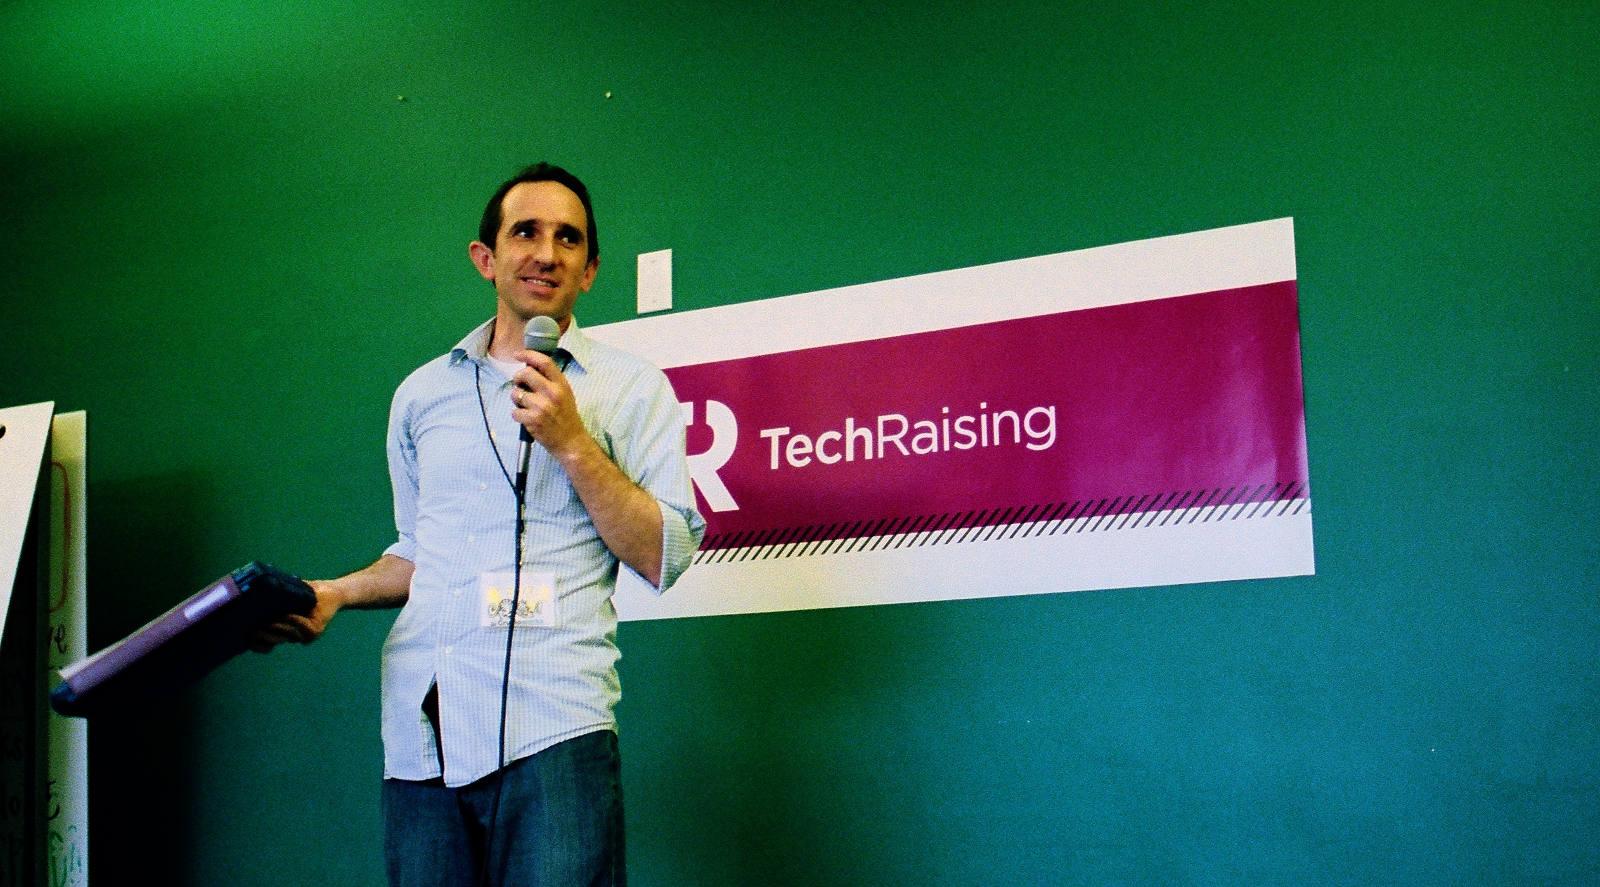 TechRaising